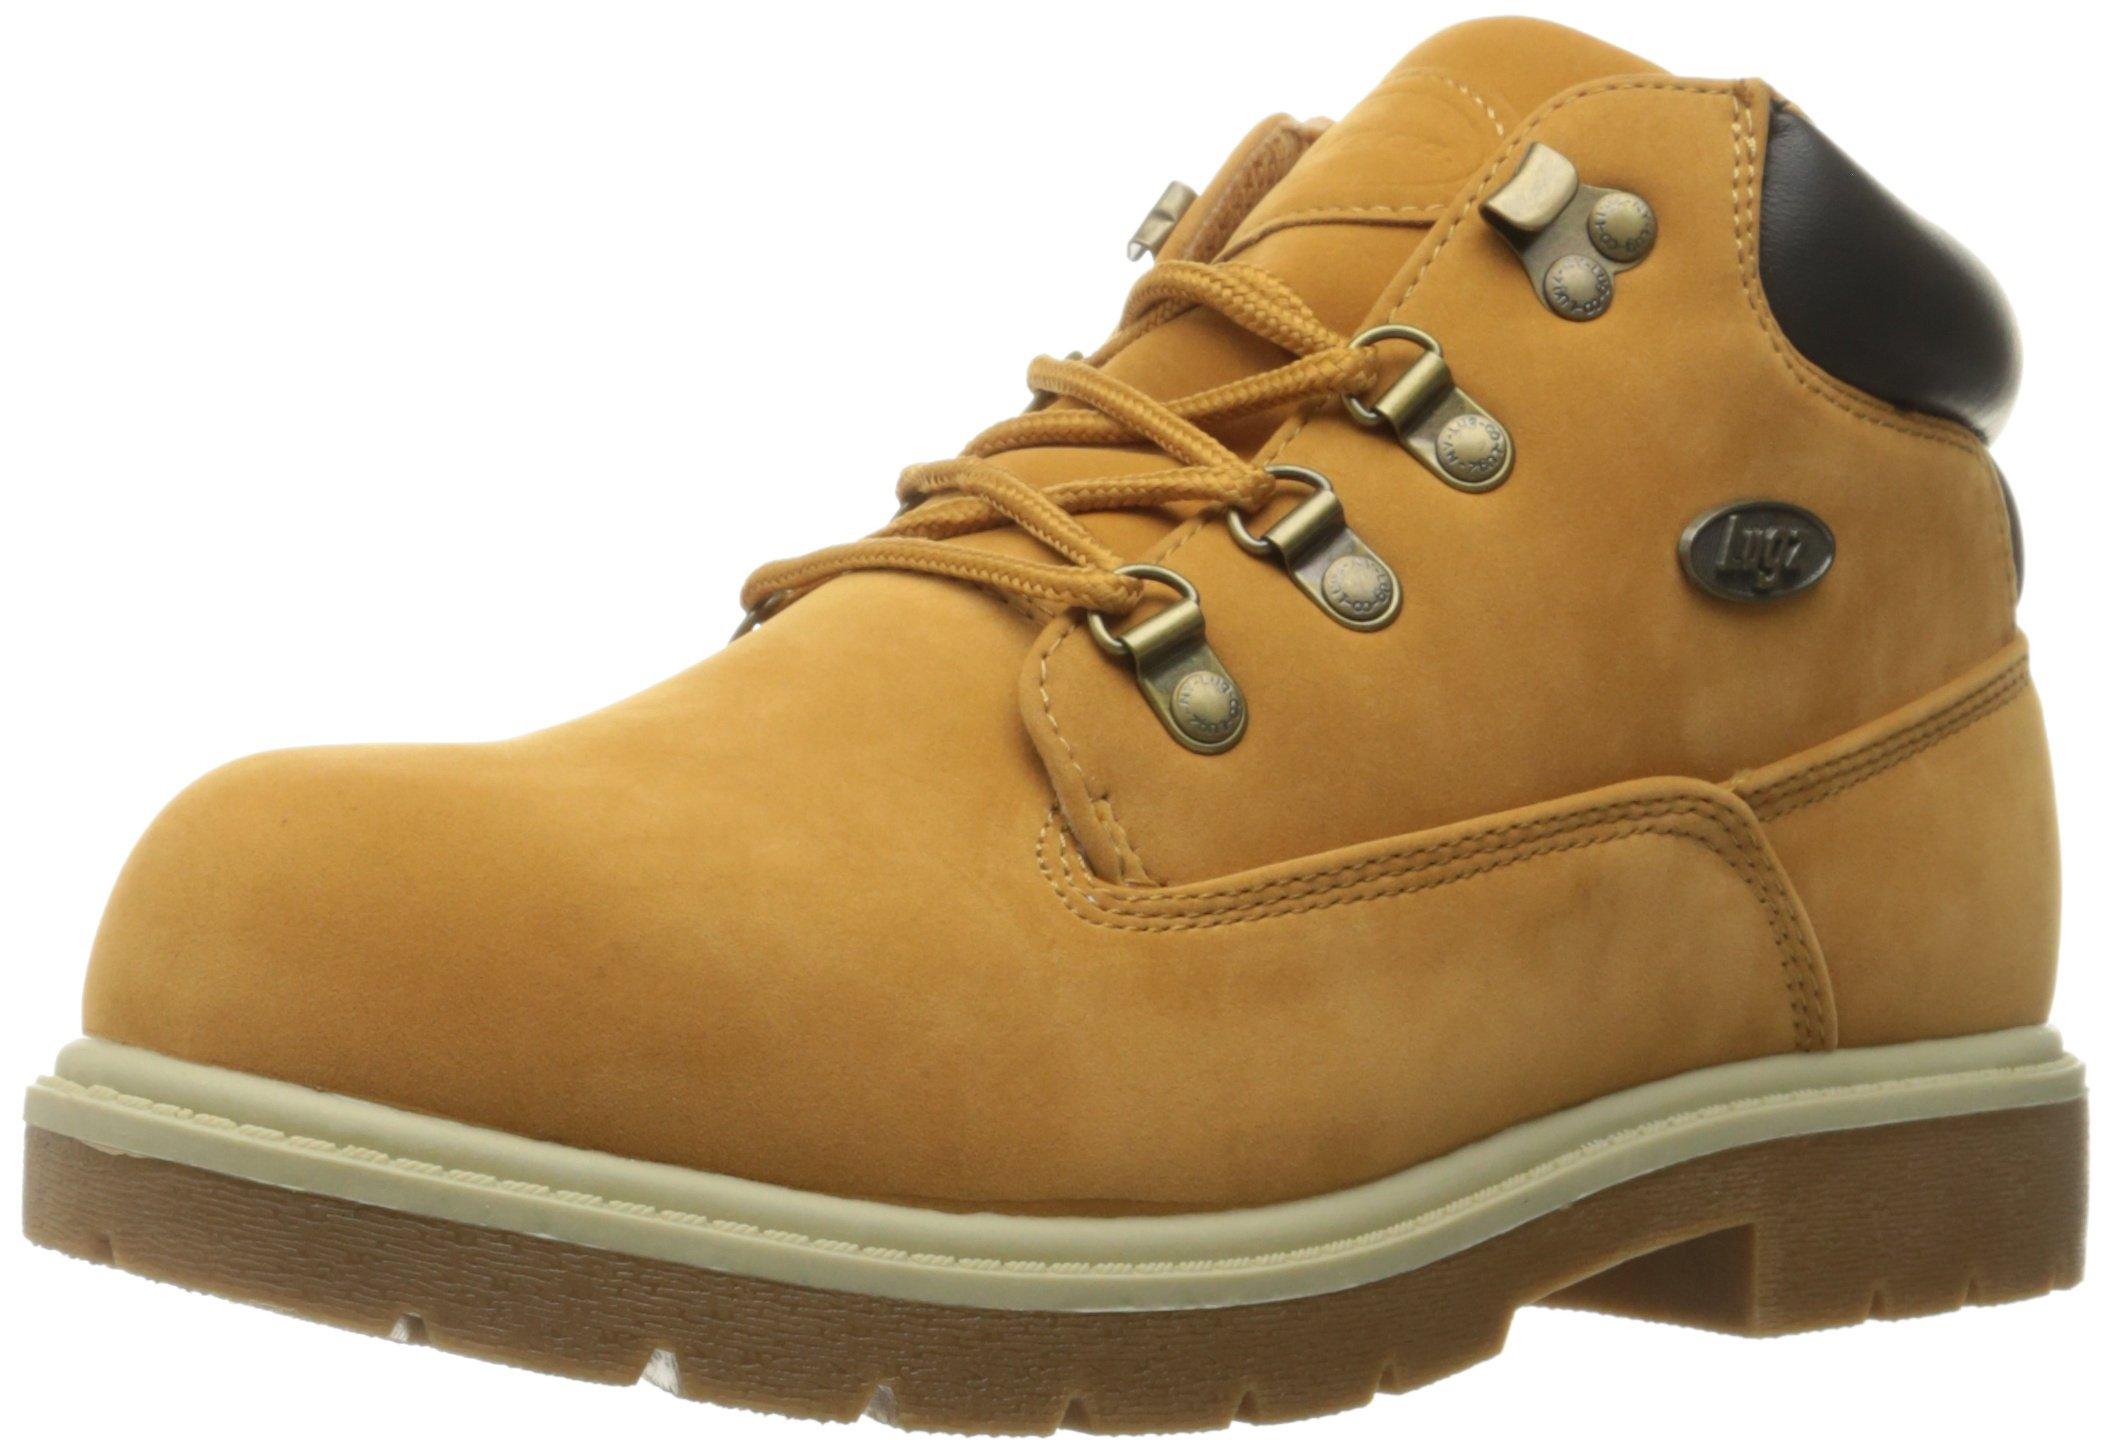 Lugz Men's Cargo Fashion Sneaker, Wheat, 13 D US